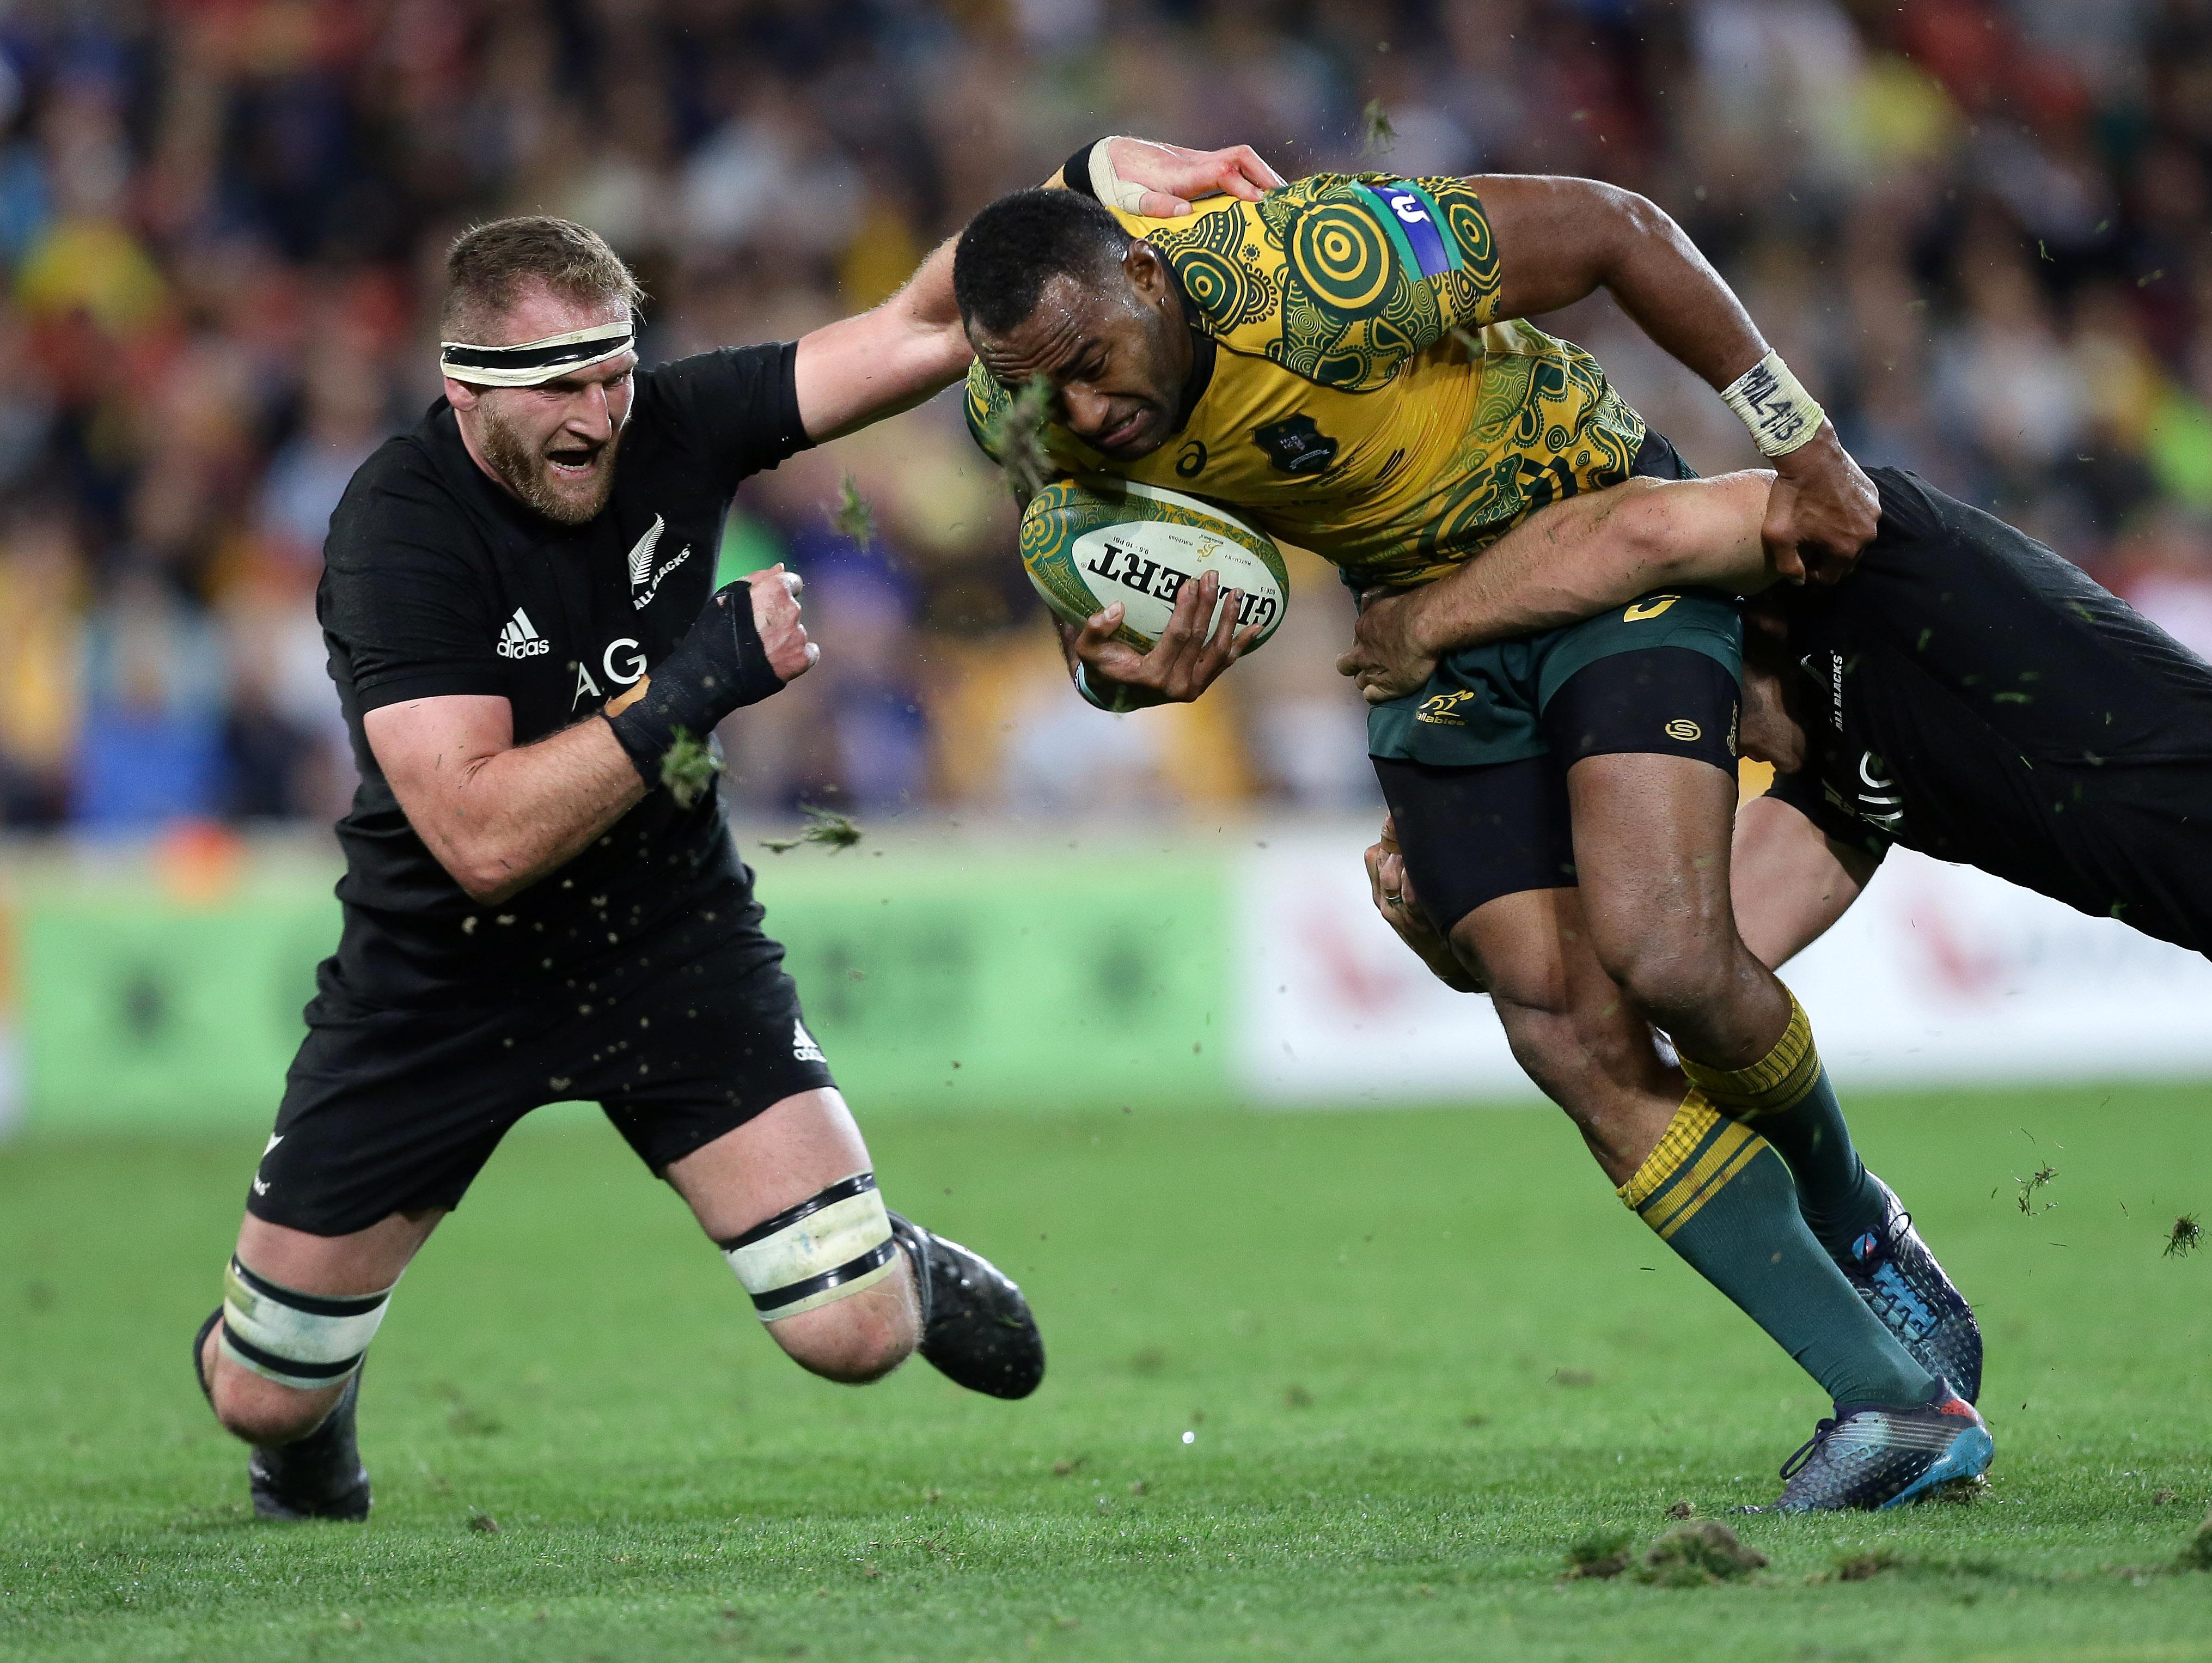 Rugby - Le XV australien jouera avec un maillot aux décorations aborigènes